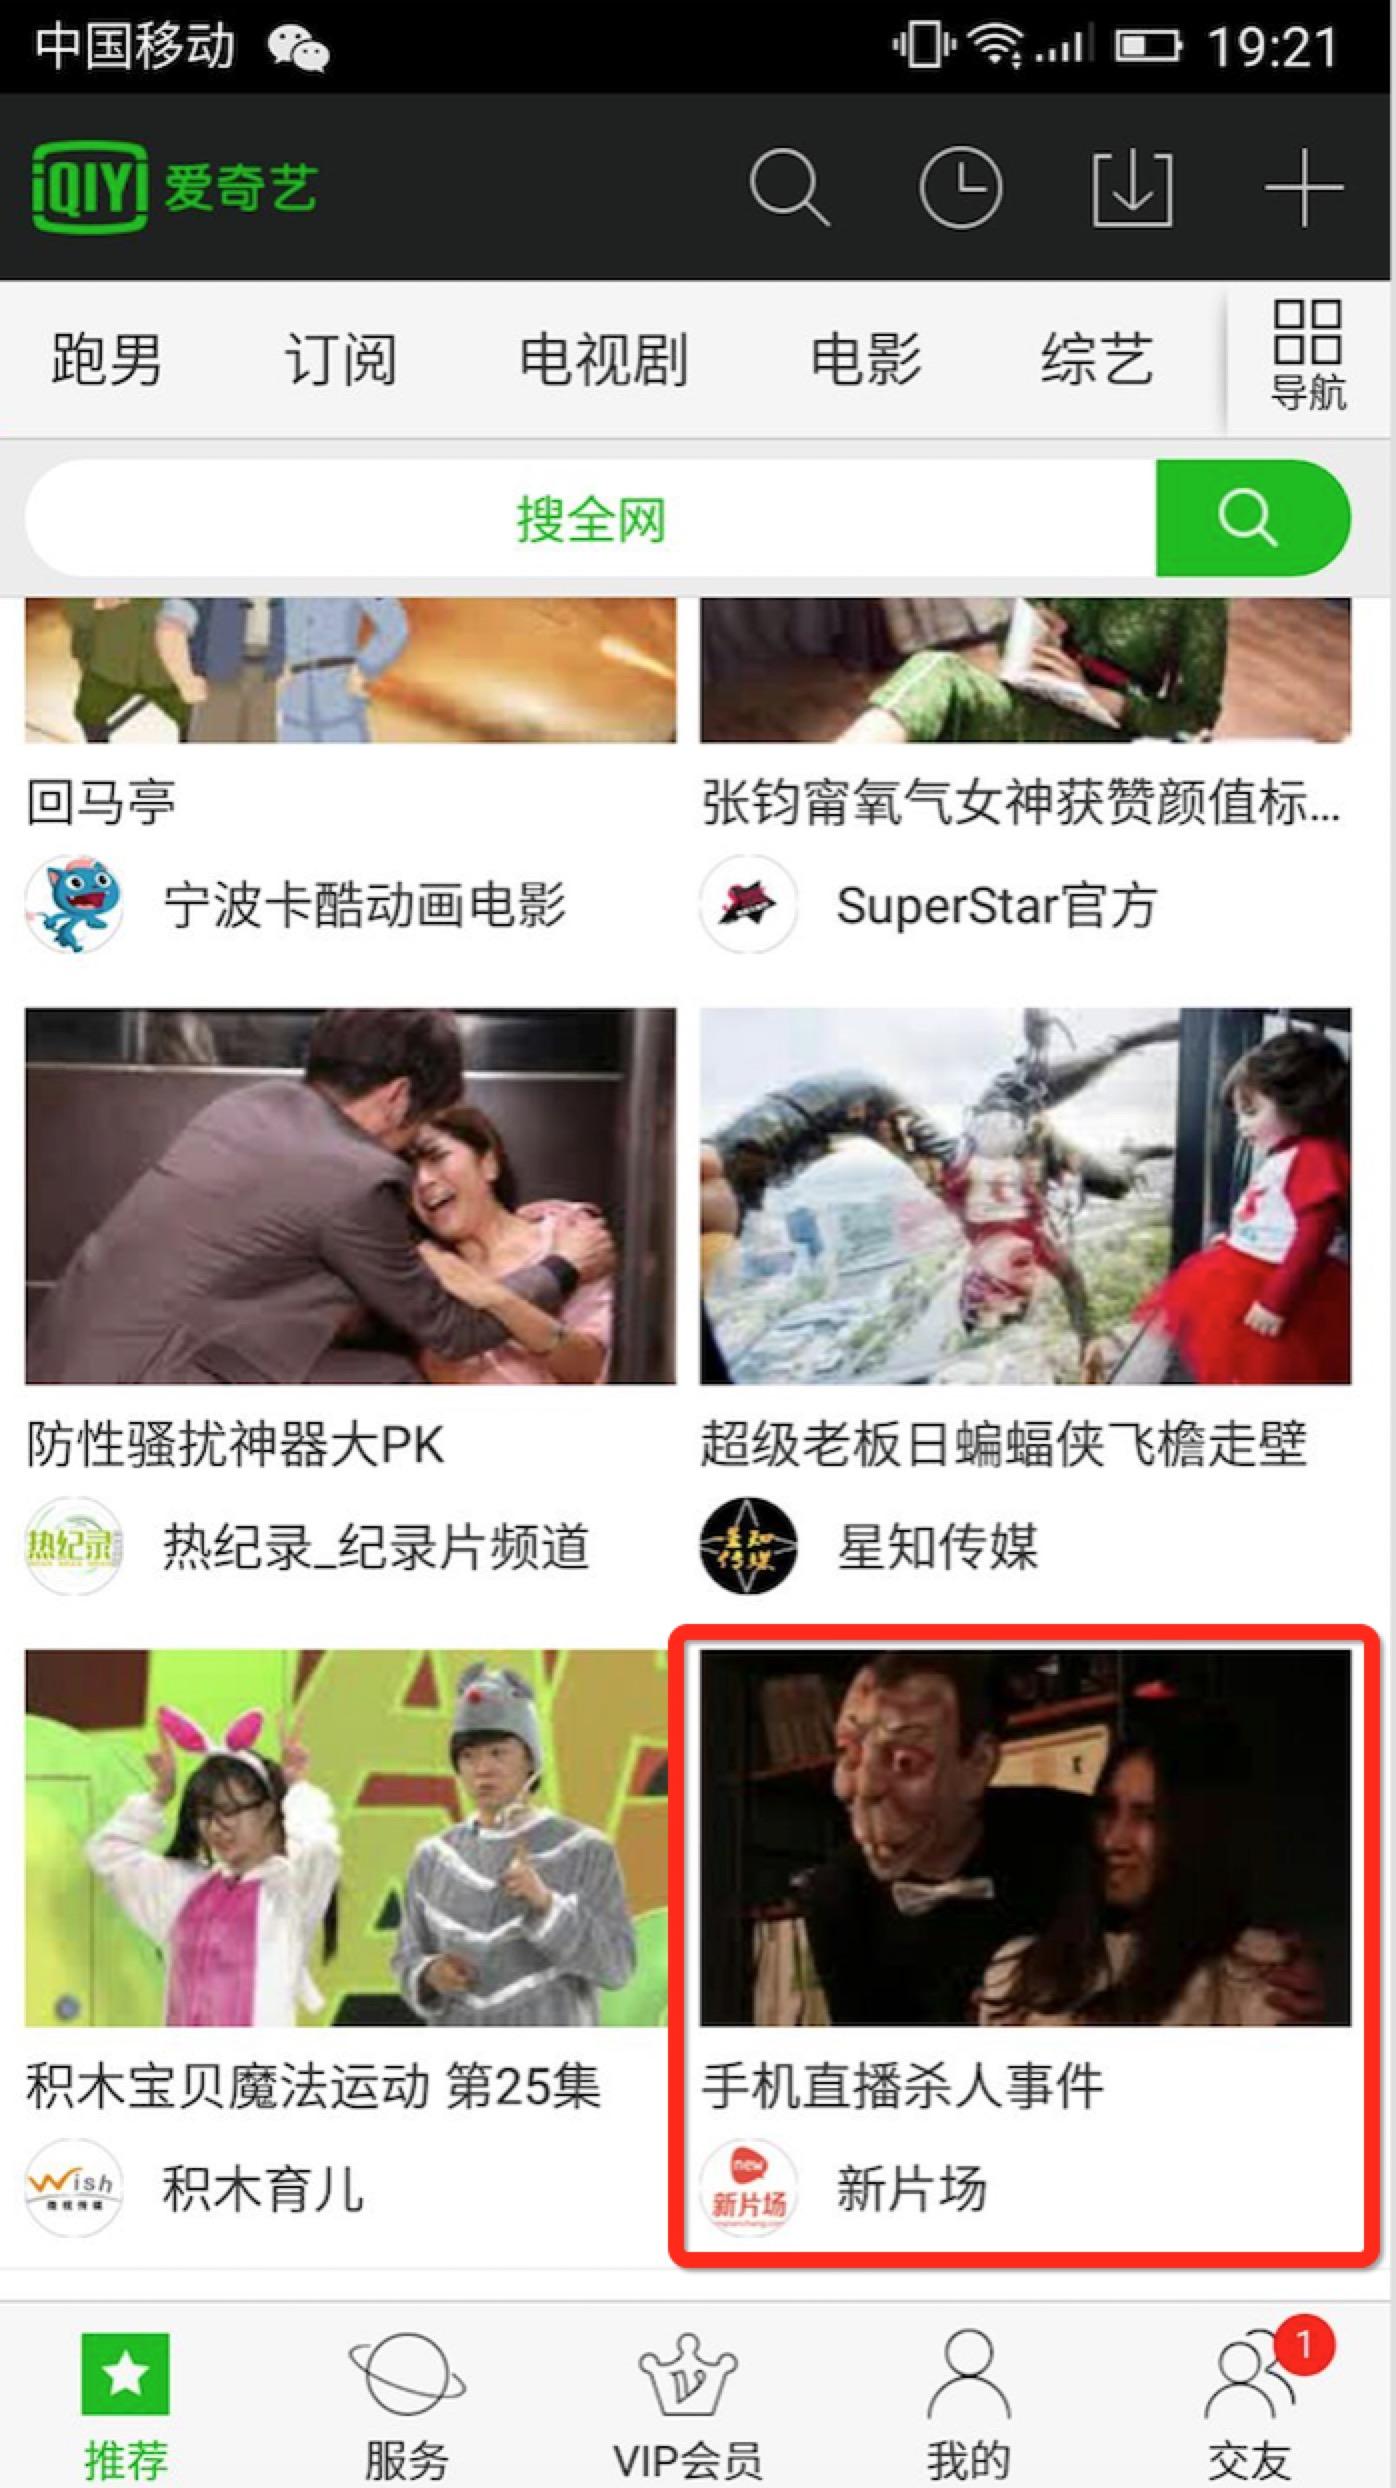 爱奇艺app首页推荐